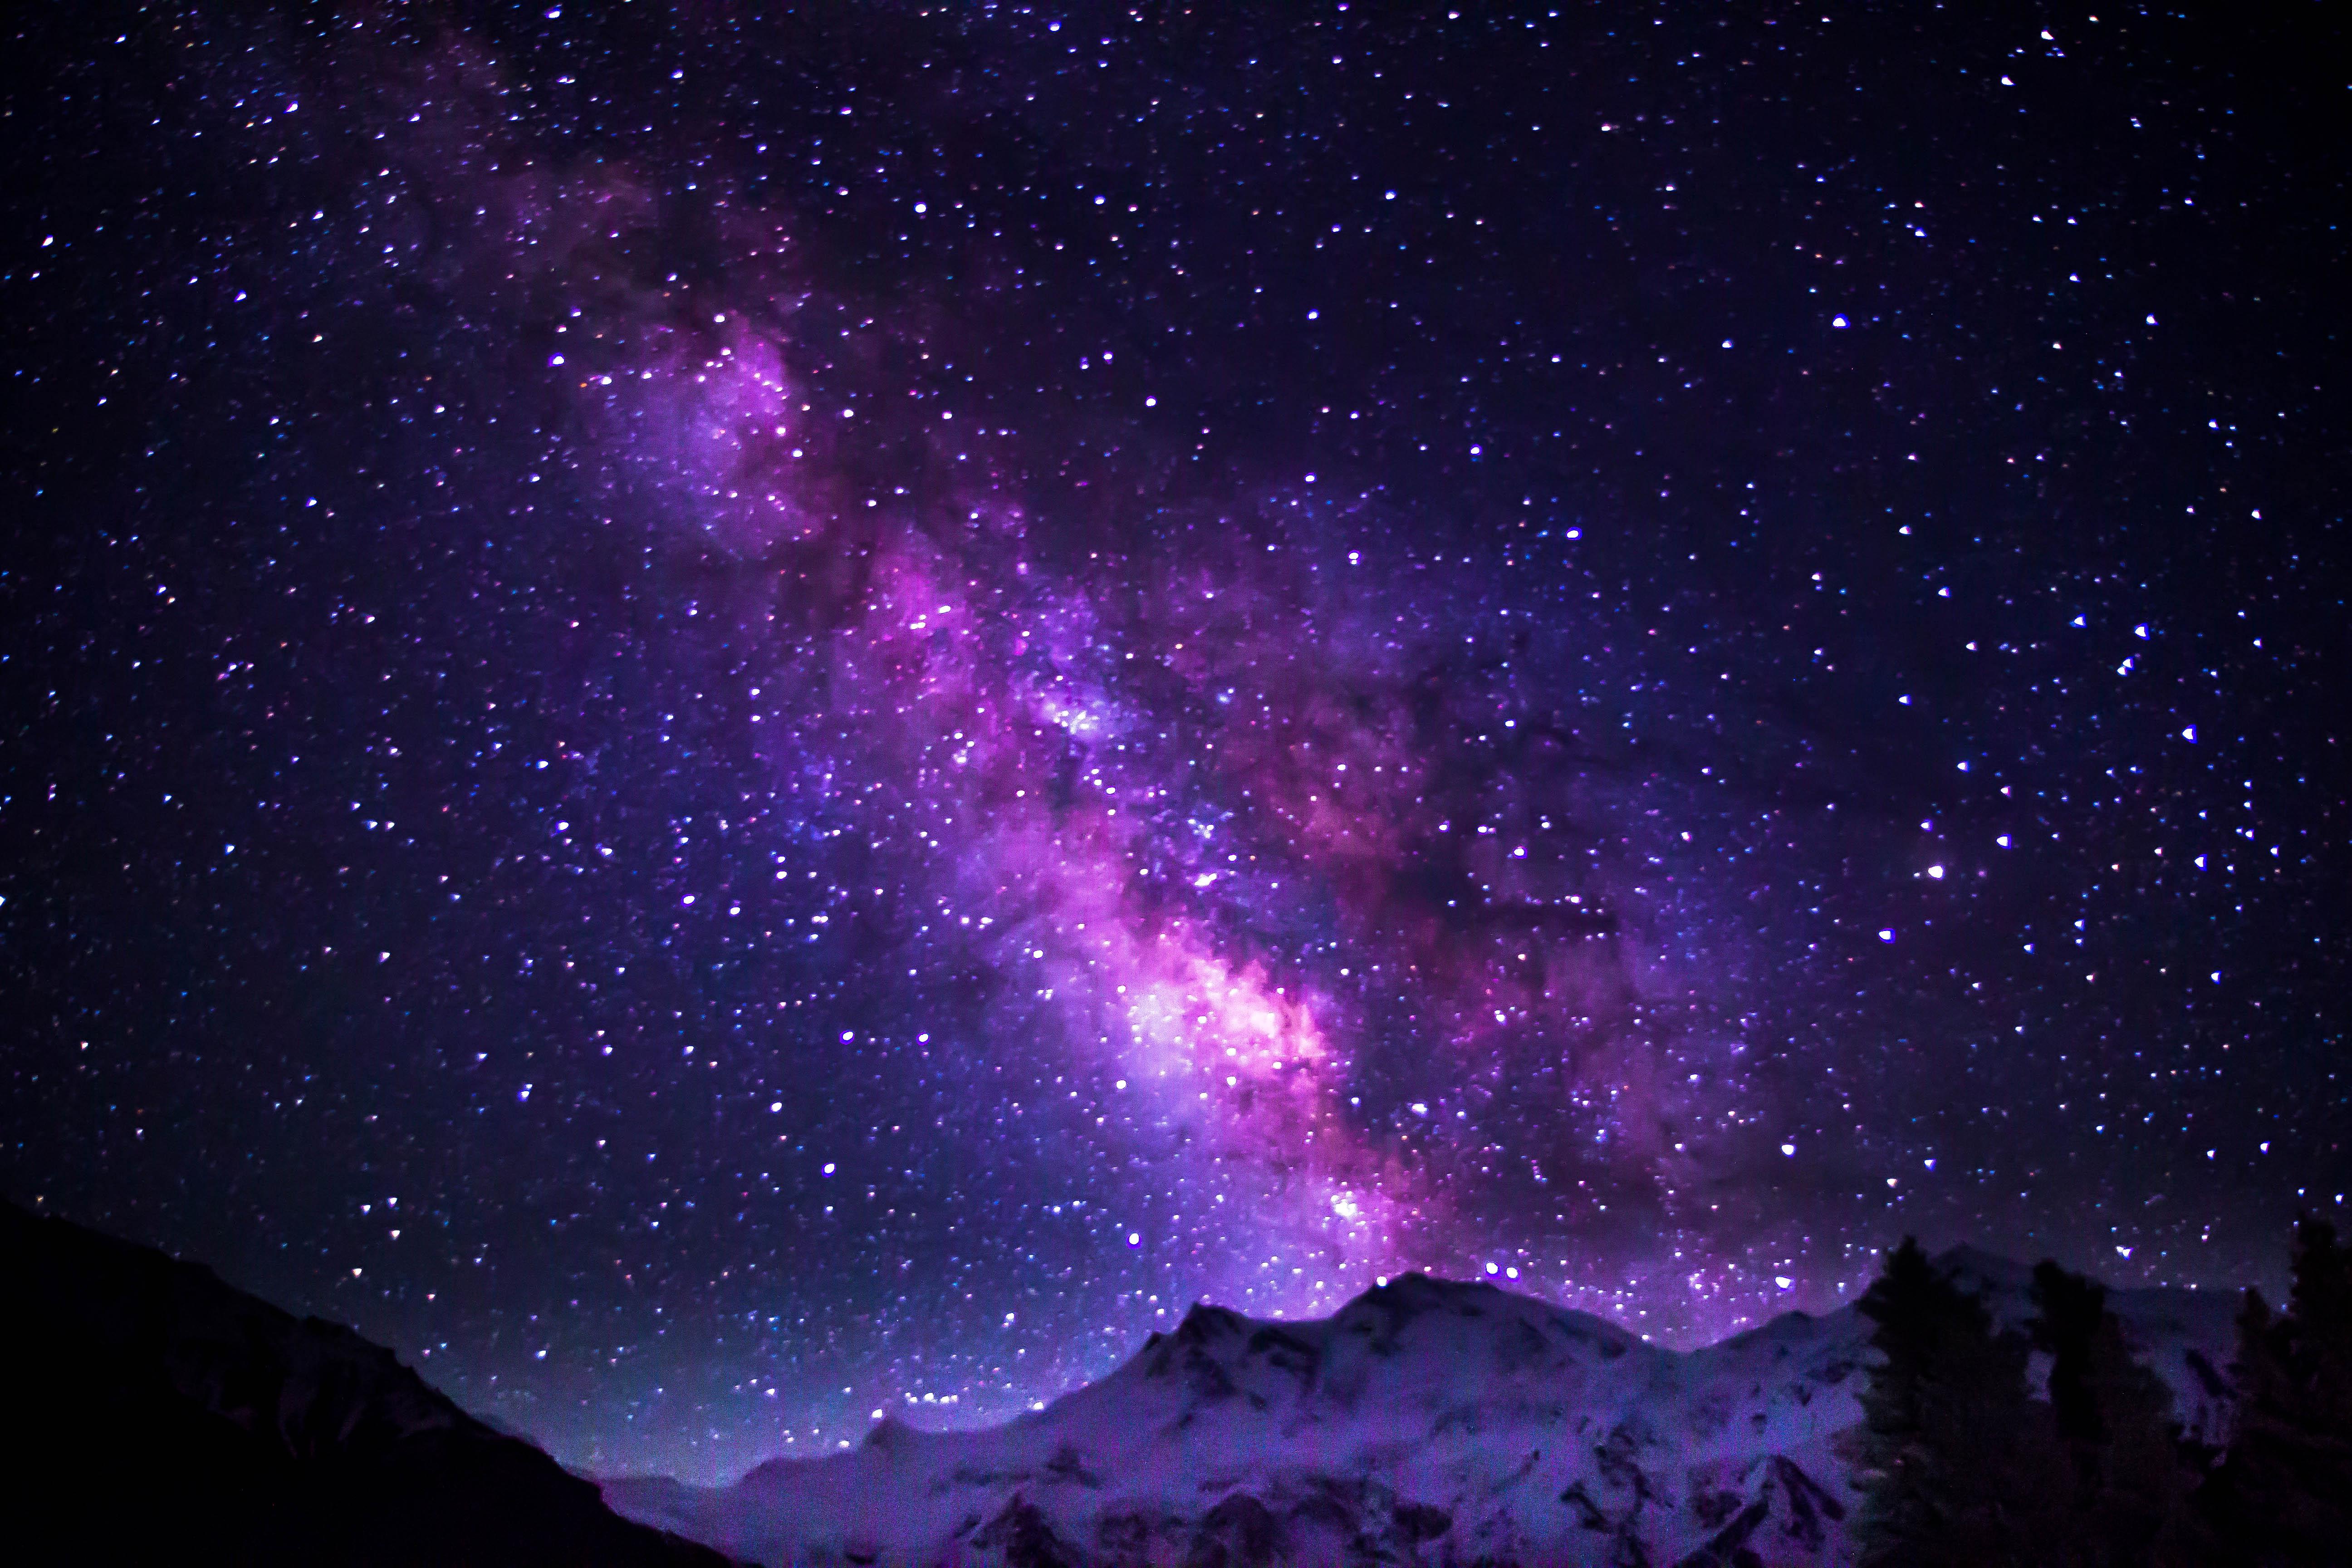 Maggio al planetario di milano il fascino degli for Sfondi galassie hd